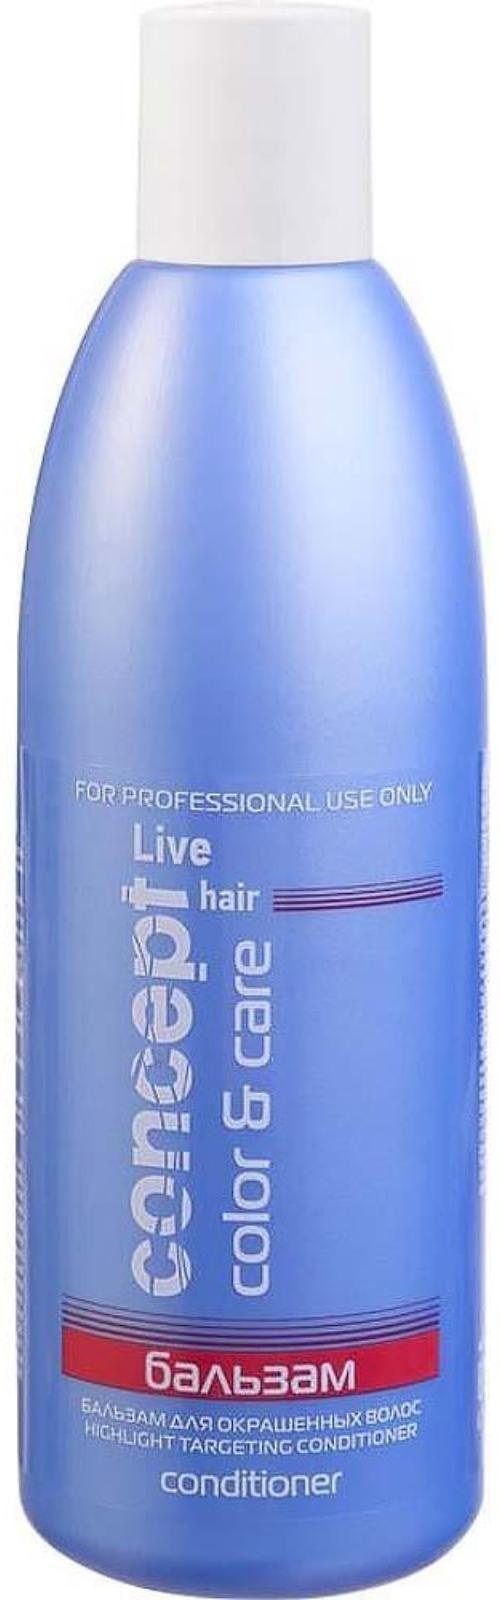 Косметика для волос concept купить косметика купить тени набор